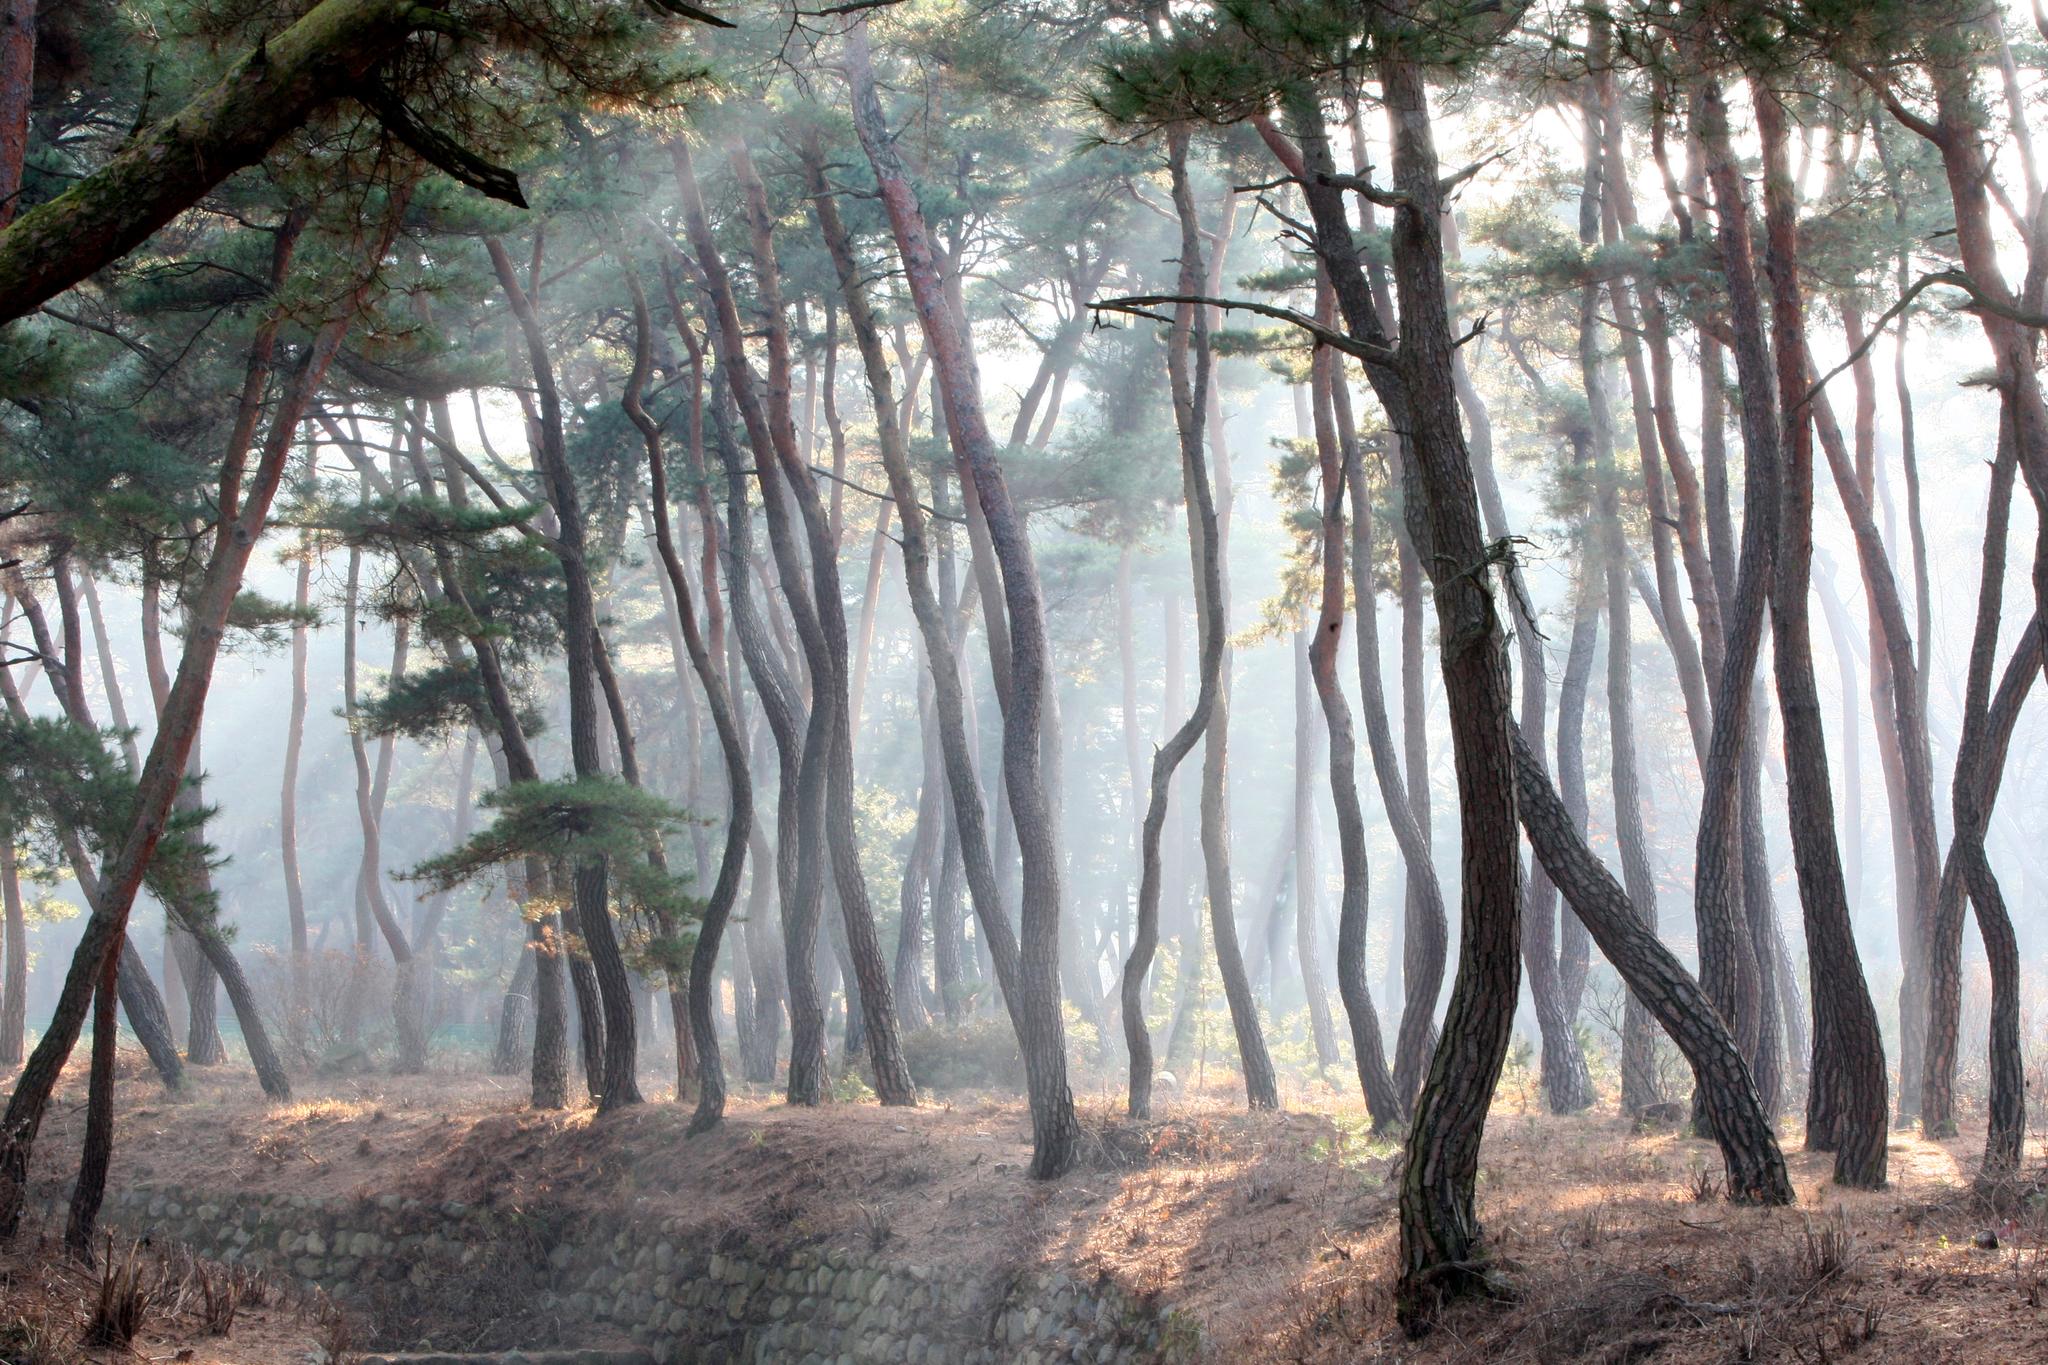 천년을 살아 갖은 질곡과 고난을 이겨내고 굽이굽이 세월을 지켜온 경주 삼릉 소나무 숲 사이로 햇살이 비친다. 소나무는 한국인이 가장 사랑하는 나무다. [중앙포토]